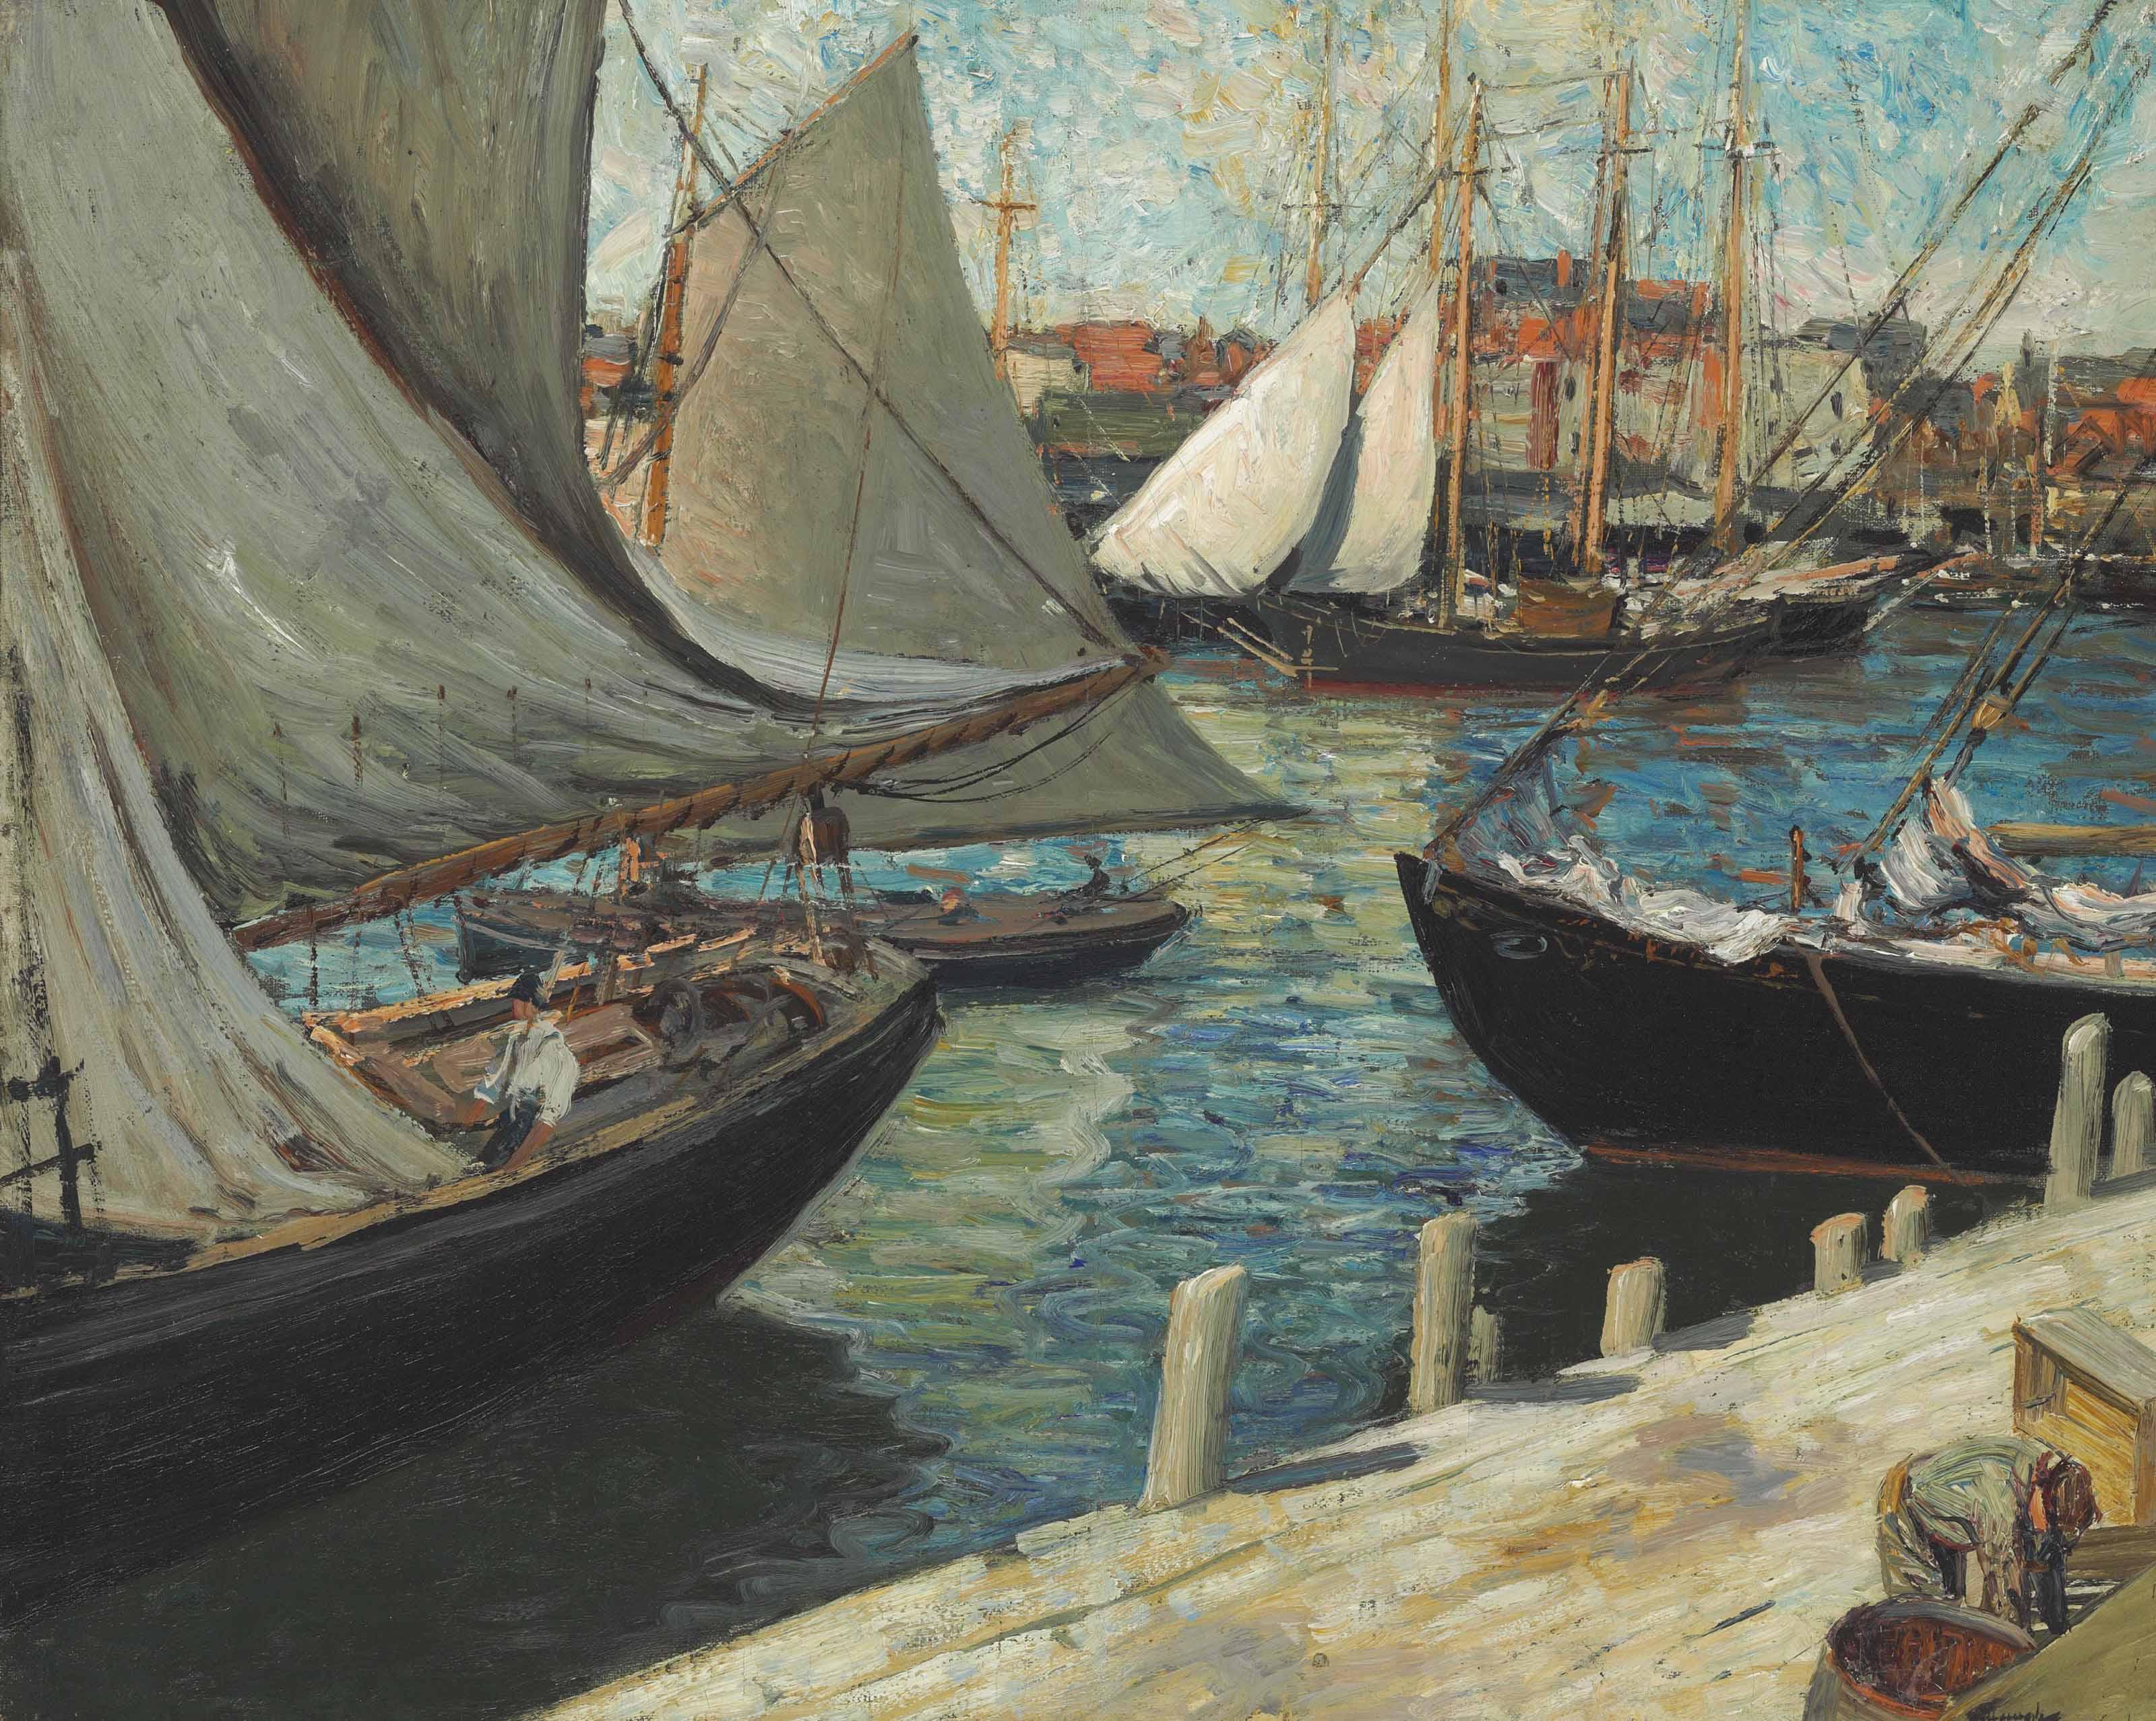 Gloucester Fishermen